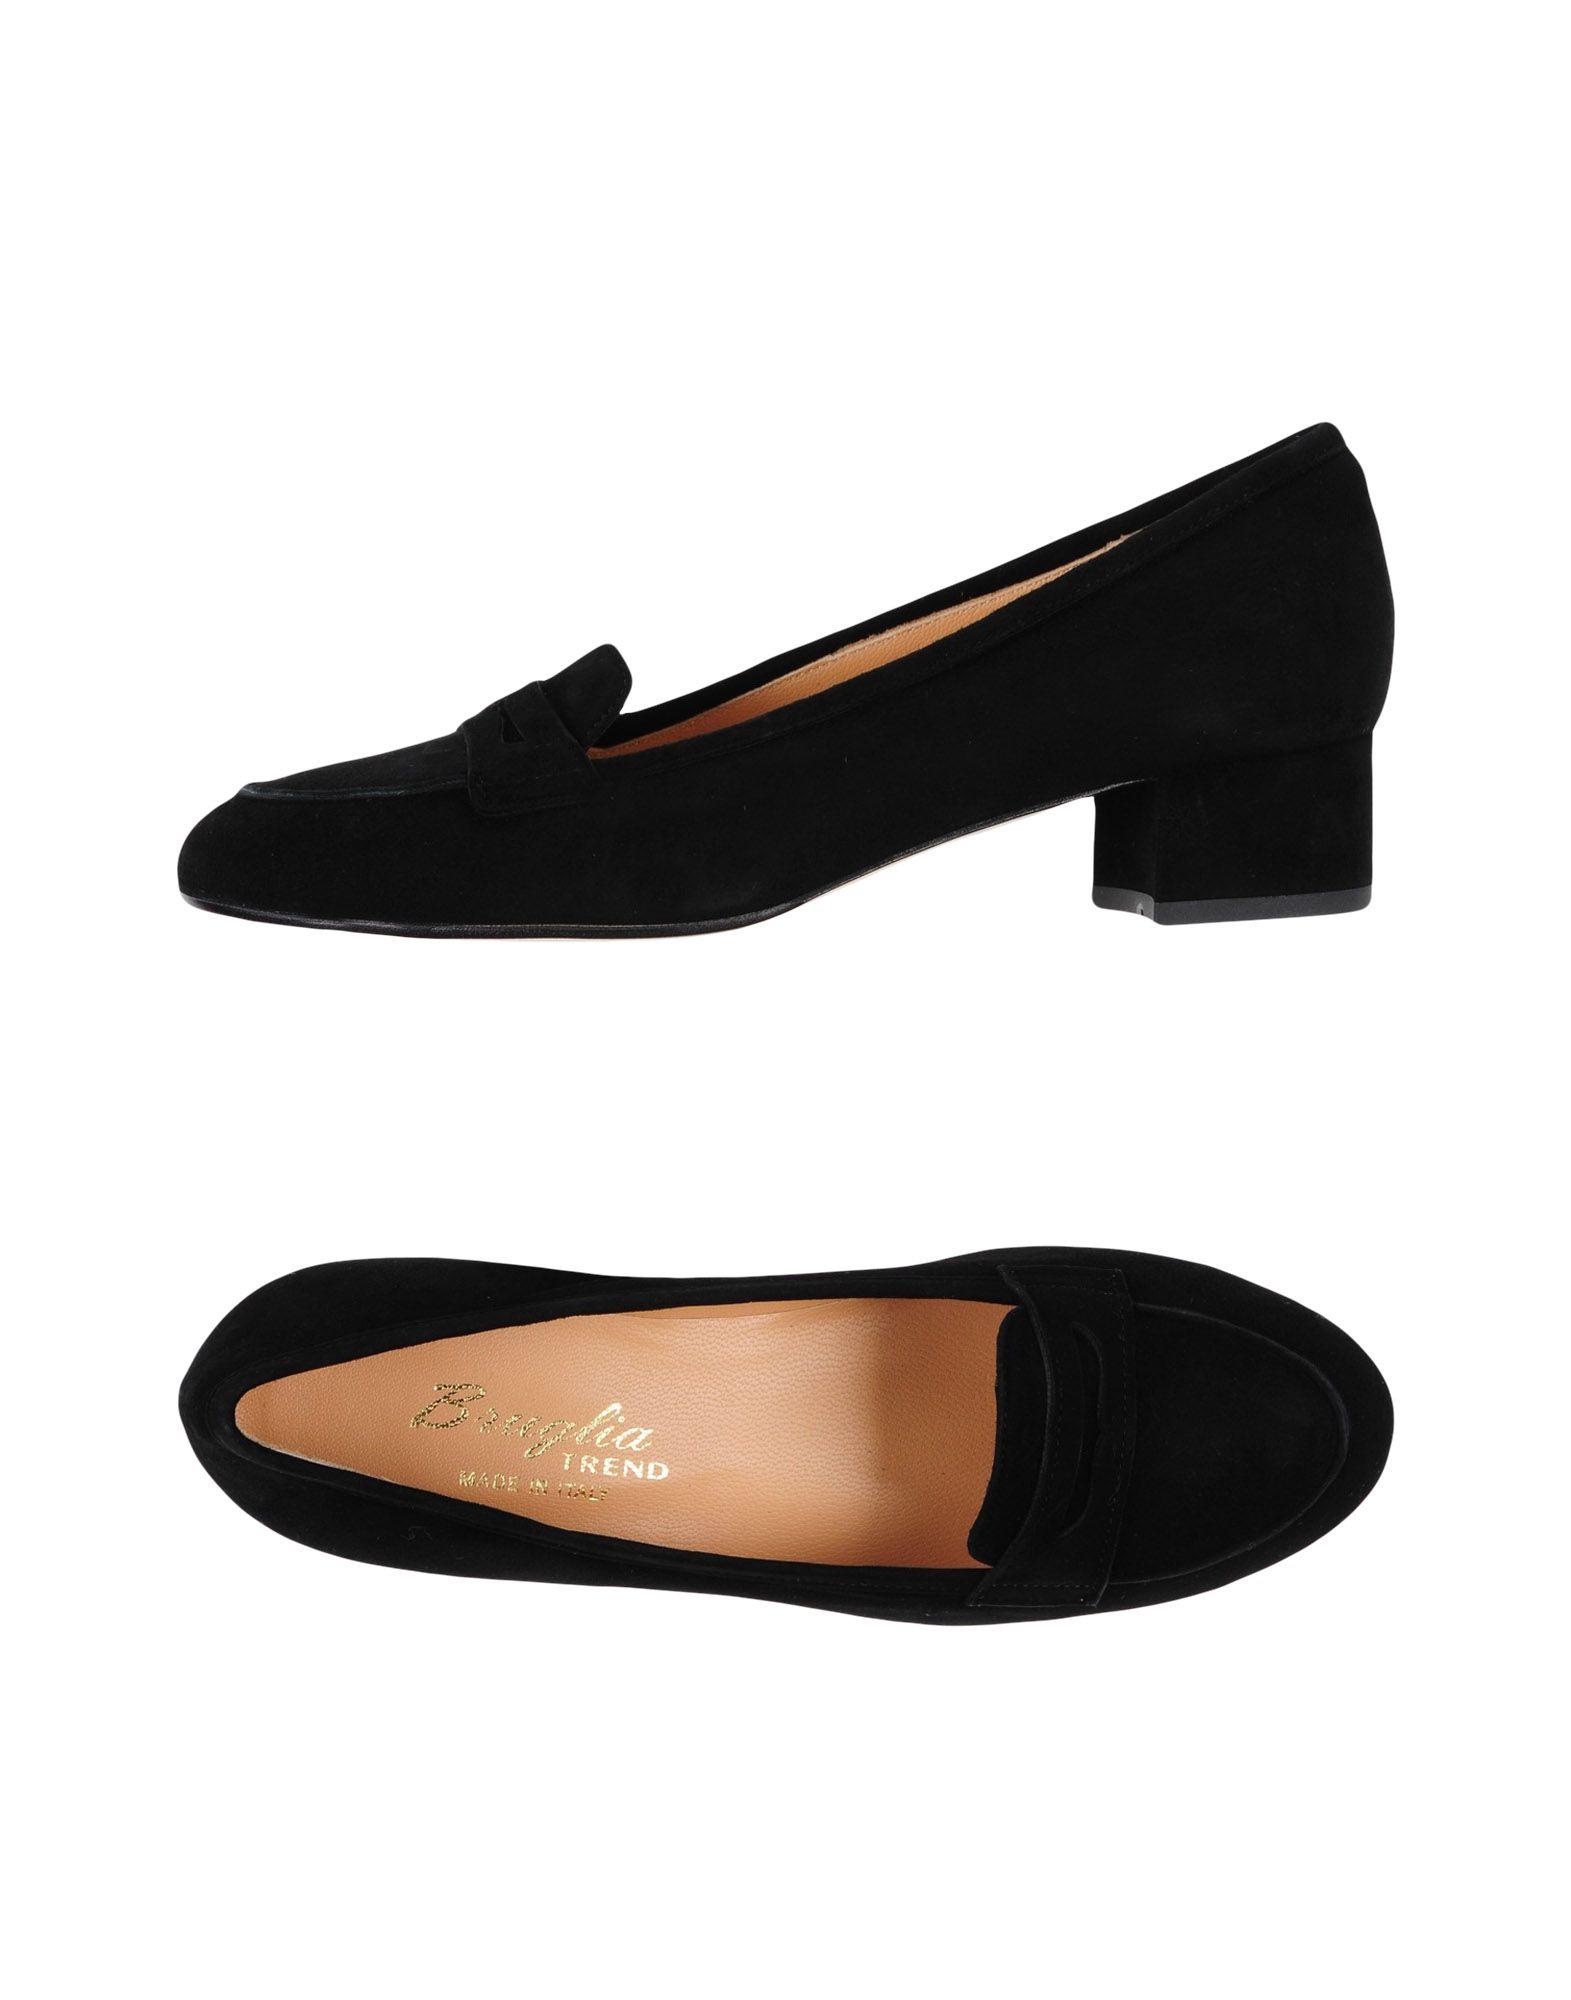 Gut um Bruglia billige Schuhe zu tragenF.Lli Bruglia um Mokassins Damen  11303073BX f2898d